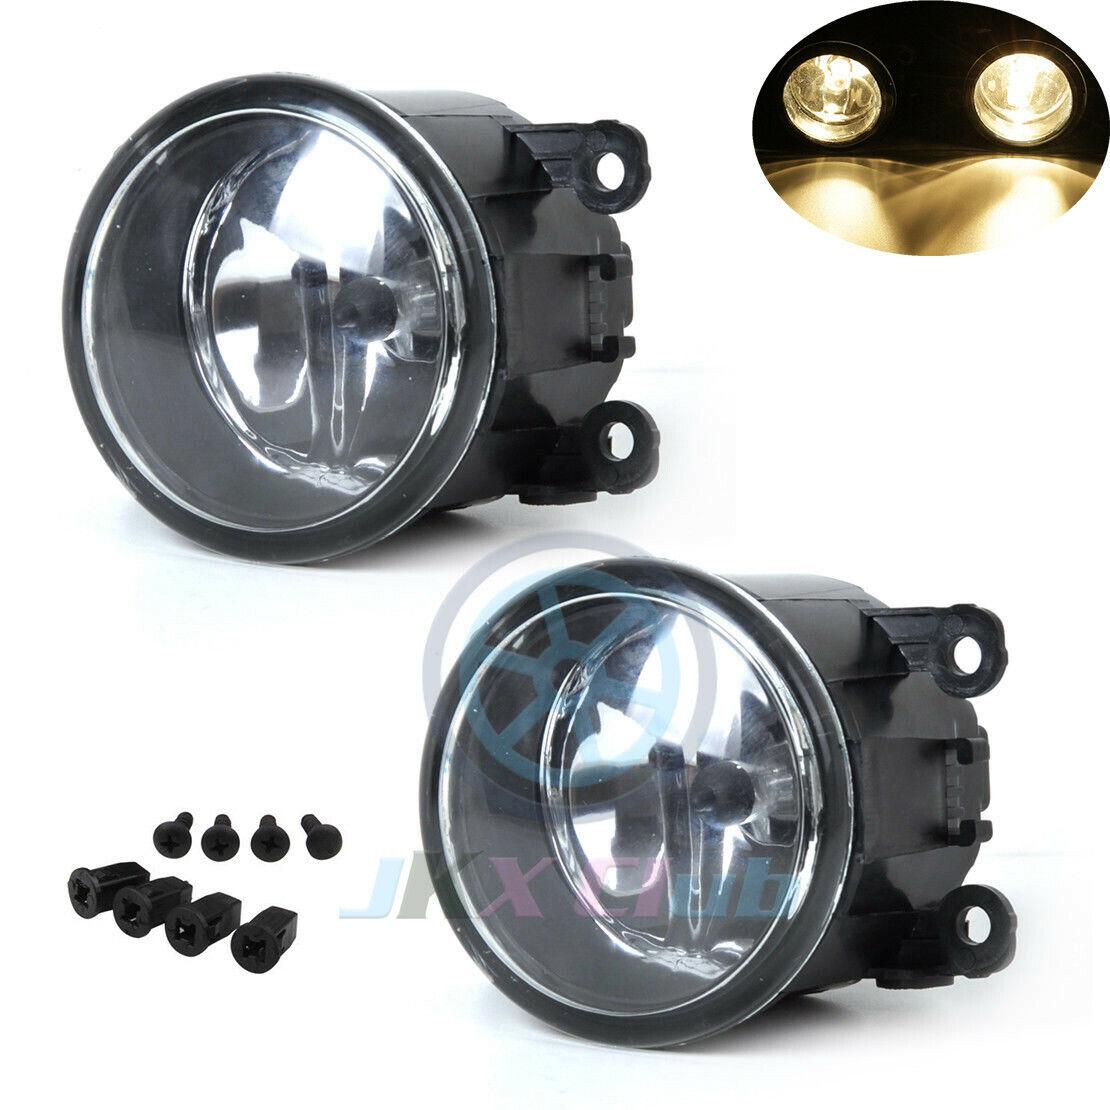 Fog Light Lamp W   Wiring Kit For Mitsubishi Attrage Mirage